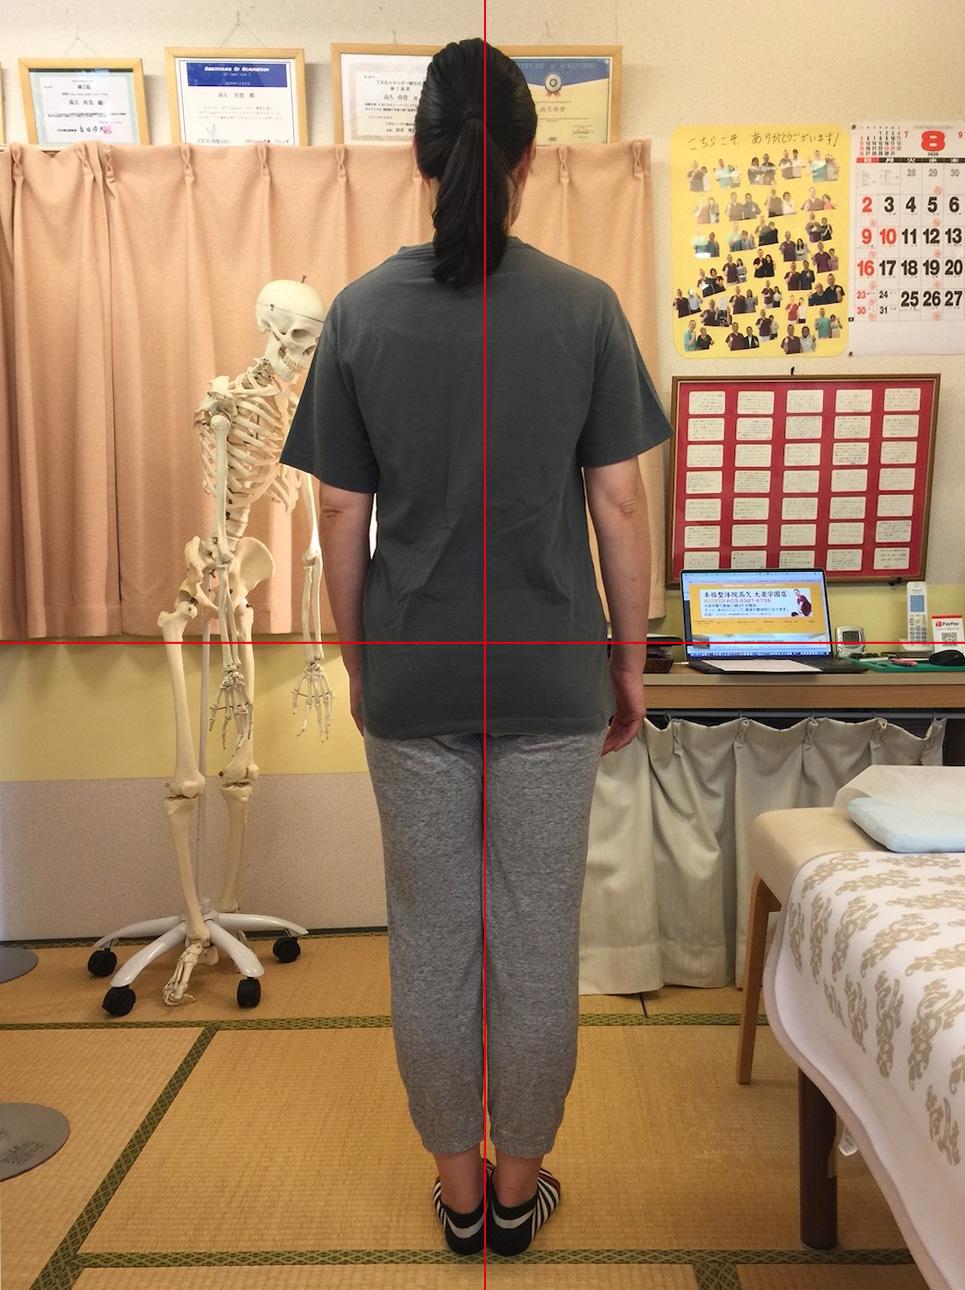 腰痛 右の腰が痛い 坐骨神経痛 妊活 不妊治療 本格整体院高久 大泉学園店